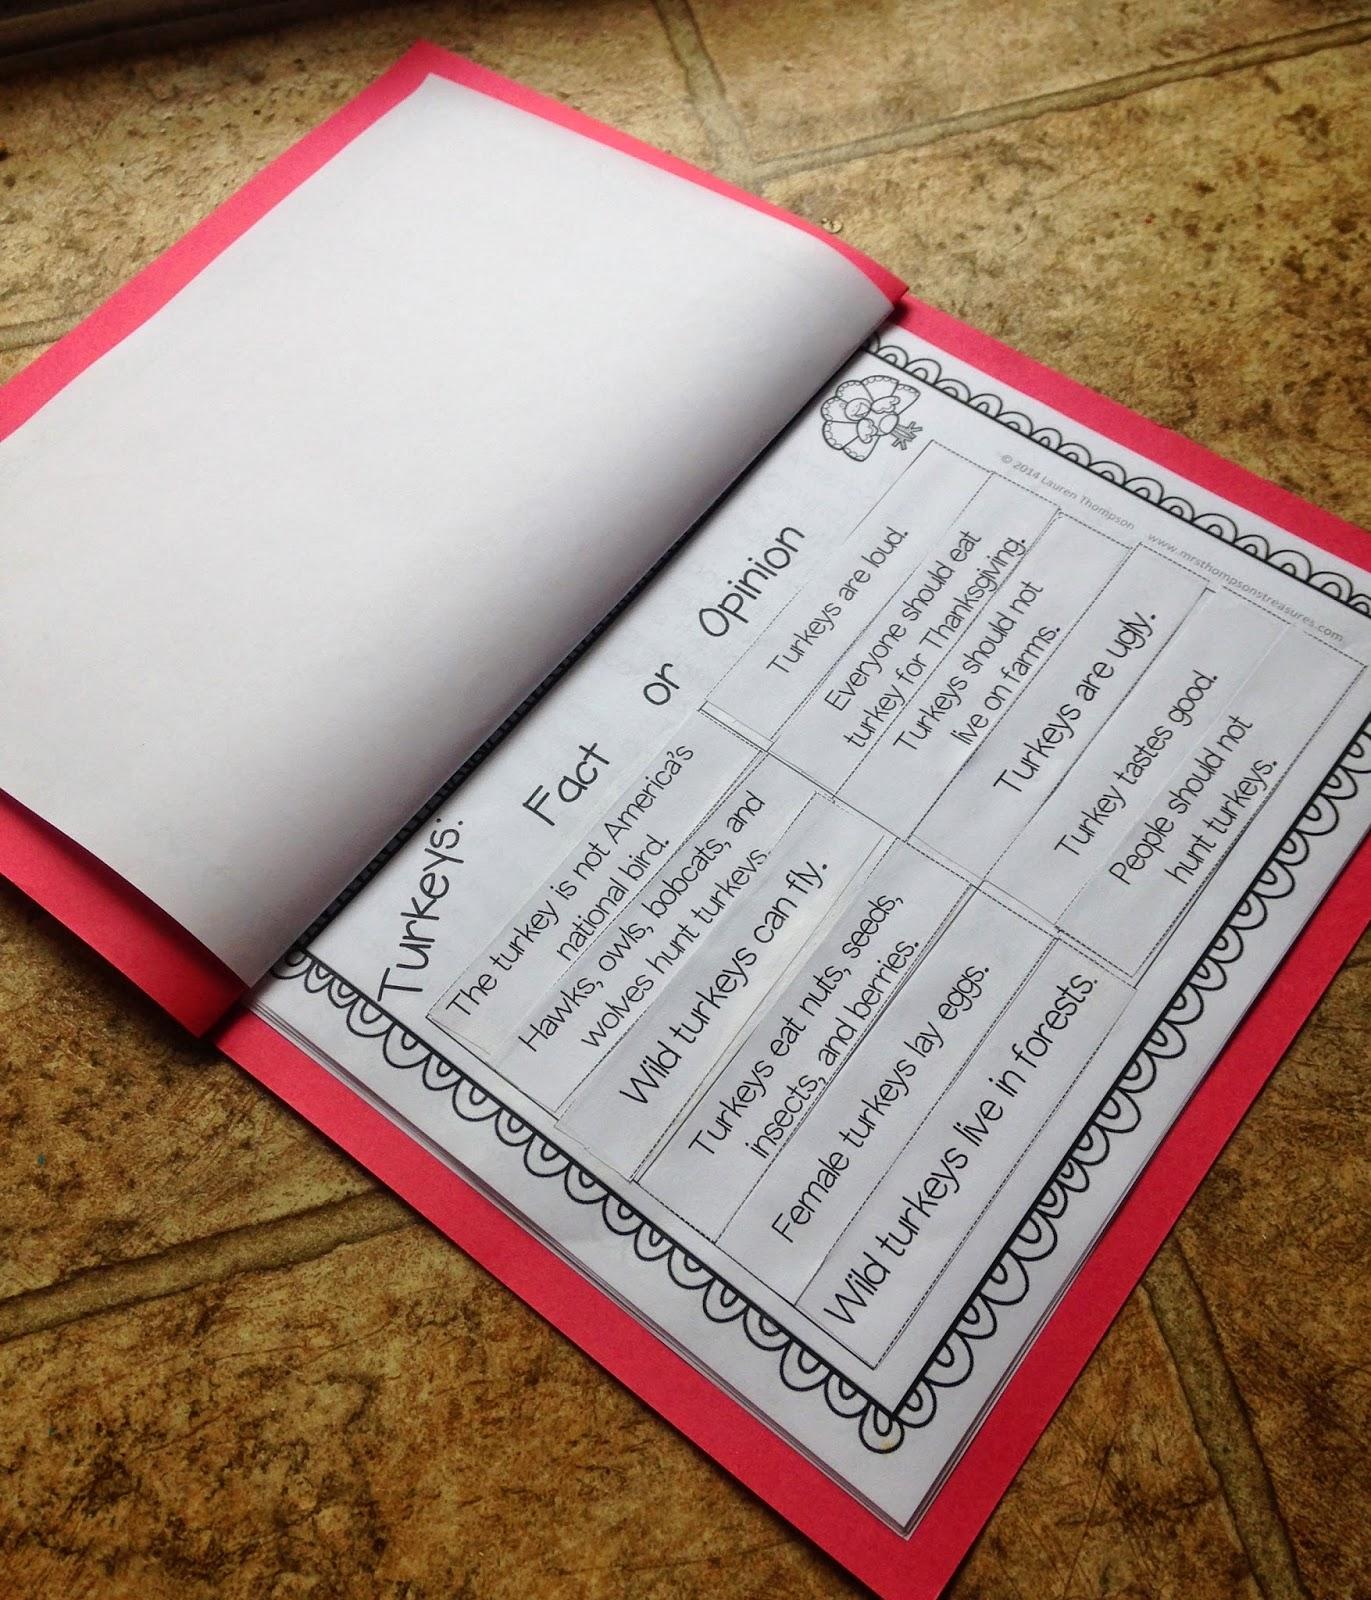 http://www.teacherspayteachers.com/Product/I-Know-About-TURKEYS-Nonfiction-Mini-Unit-Graphic-Organizers-1549260